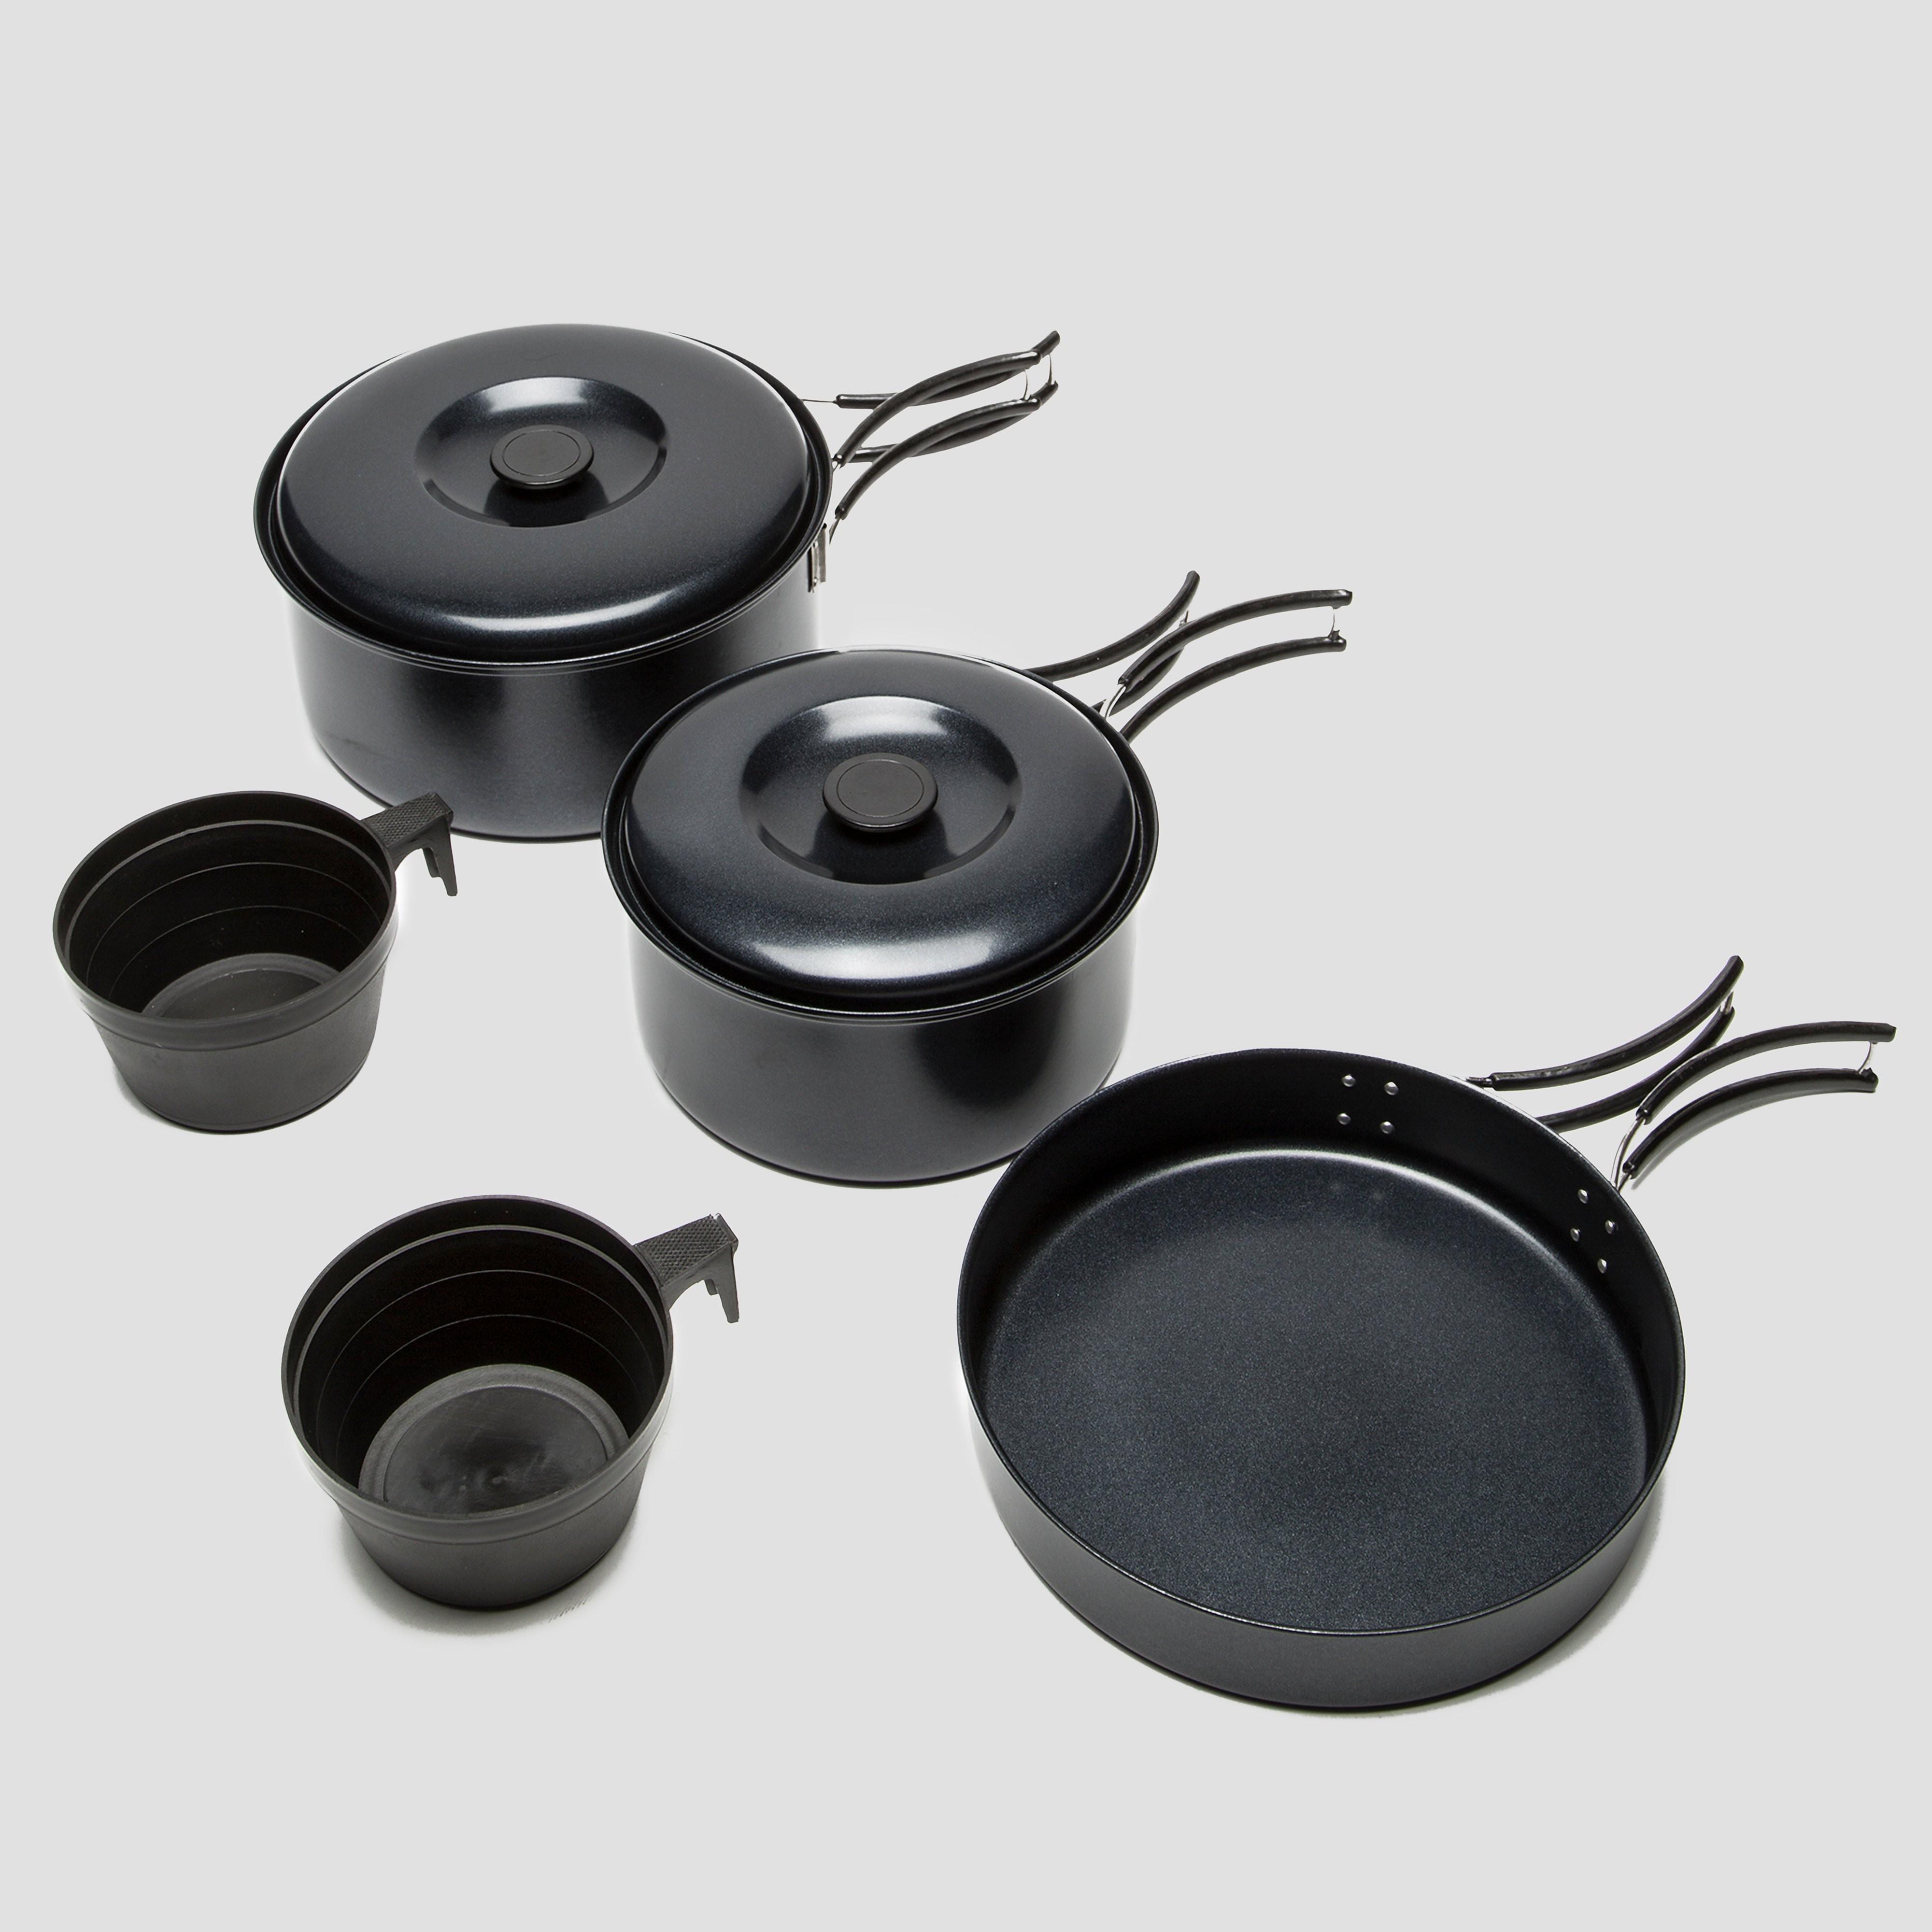 Vango Vango Not-Stick Cook Kit 2 Person